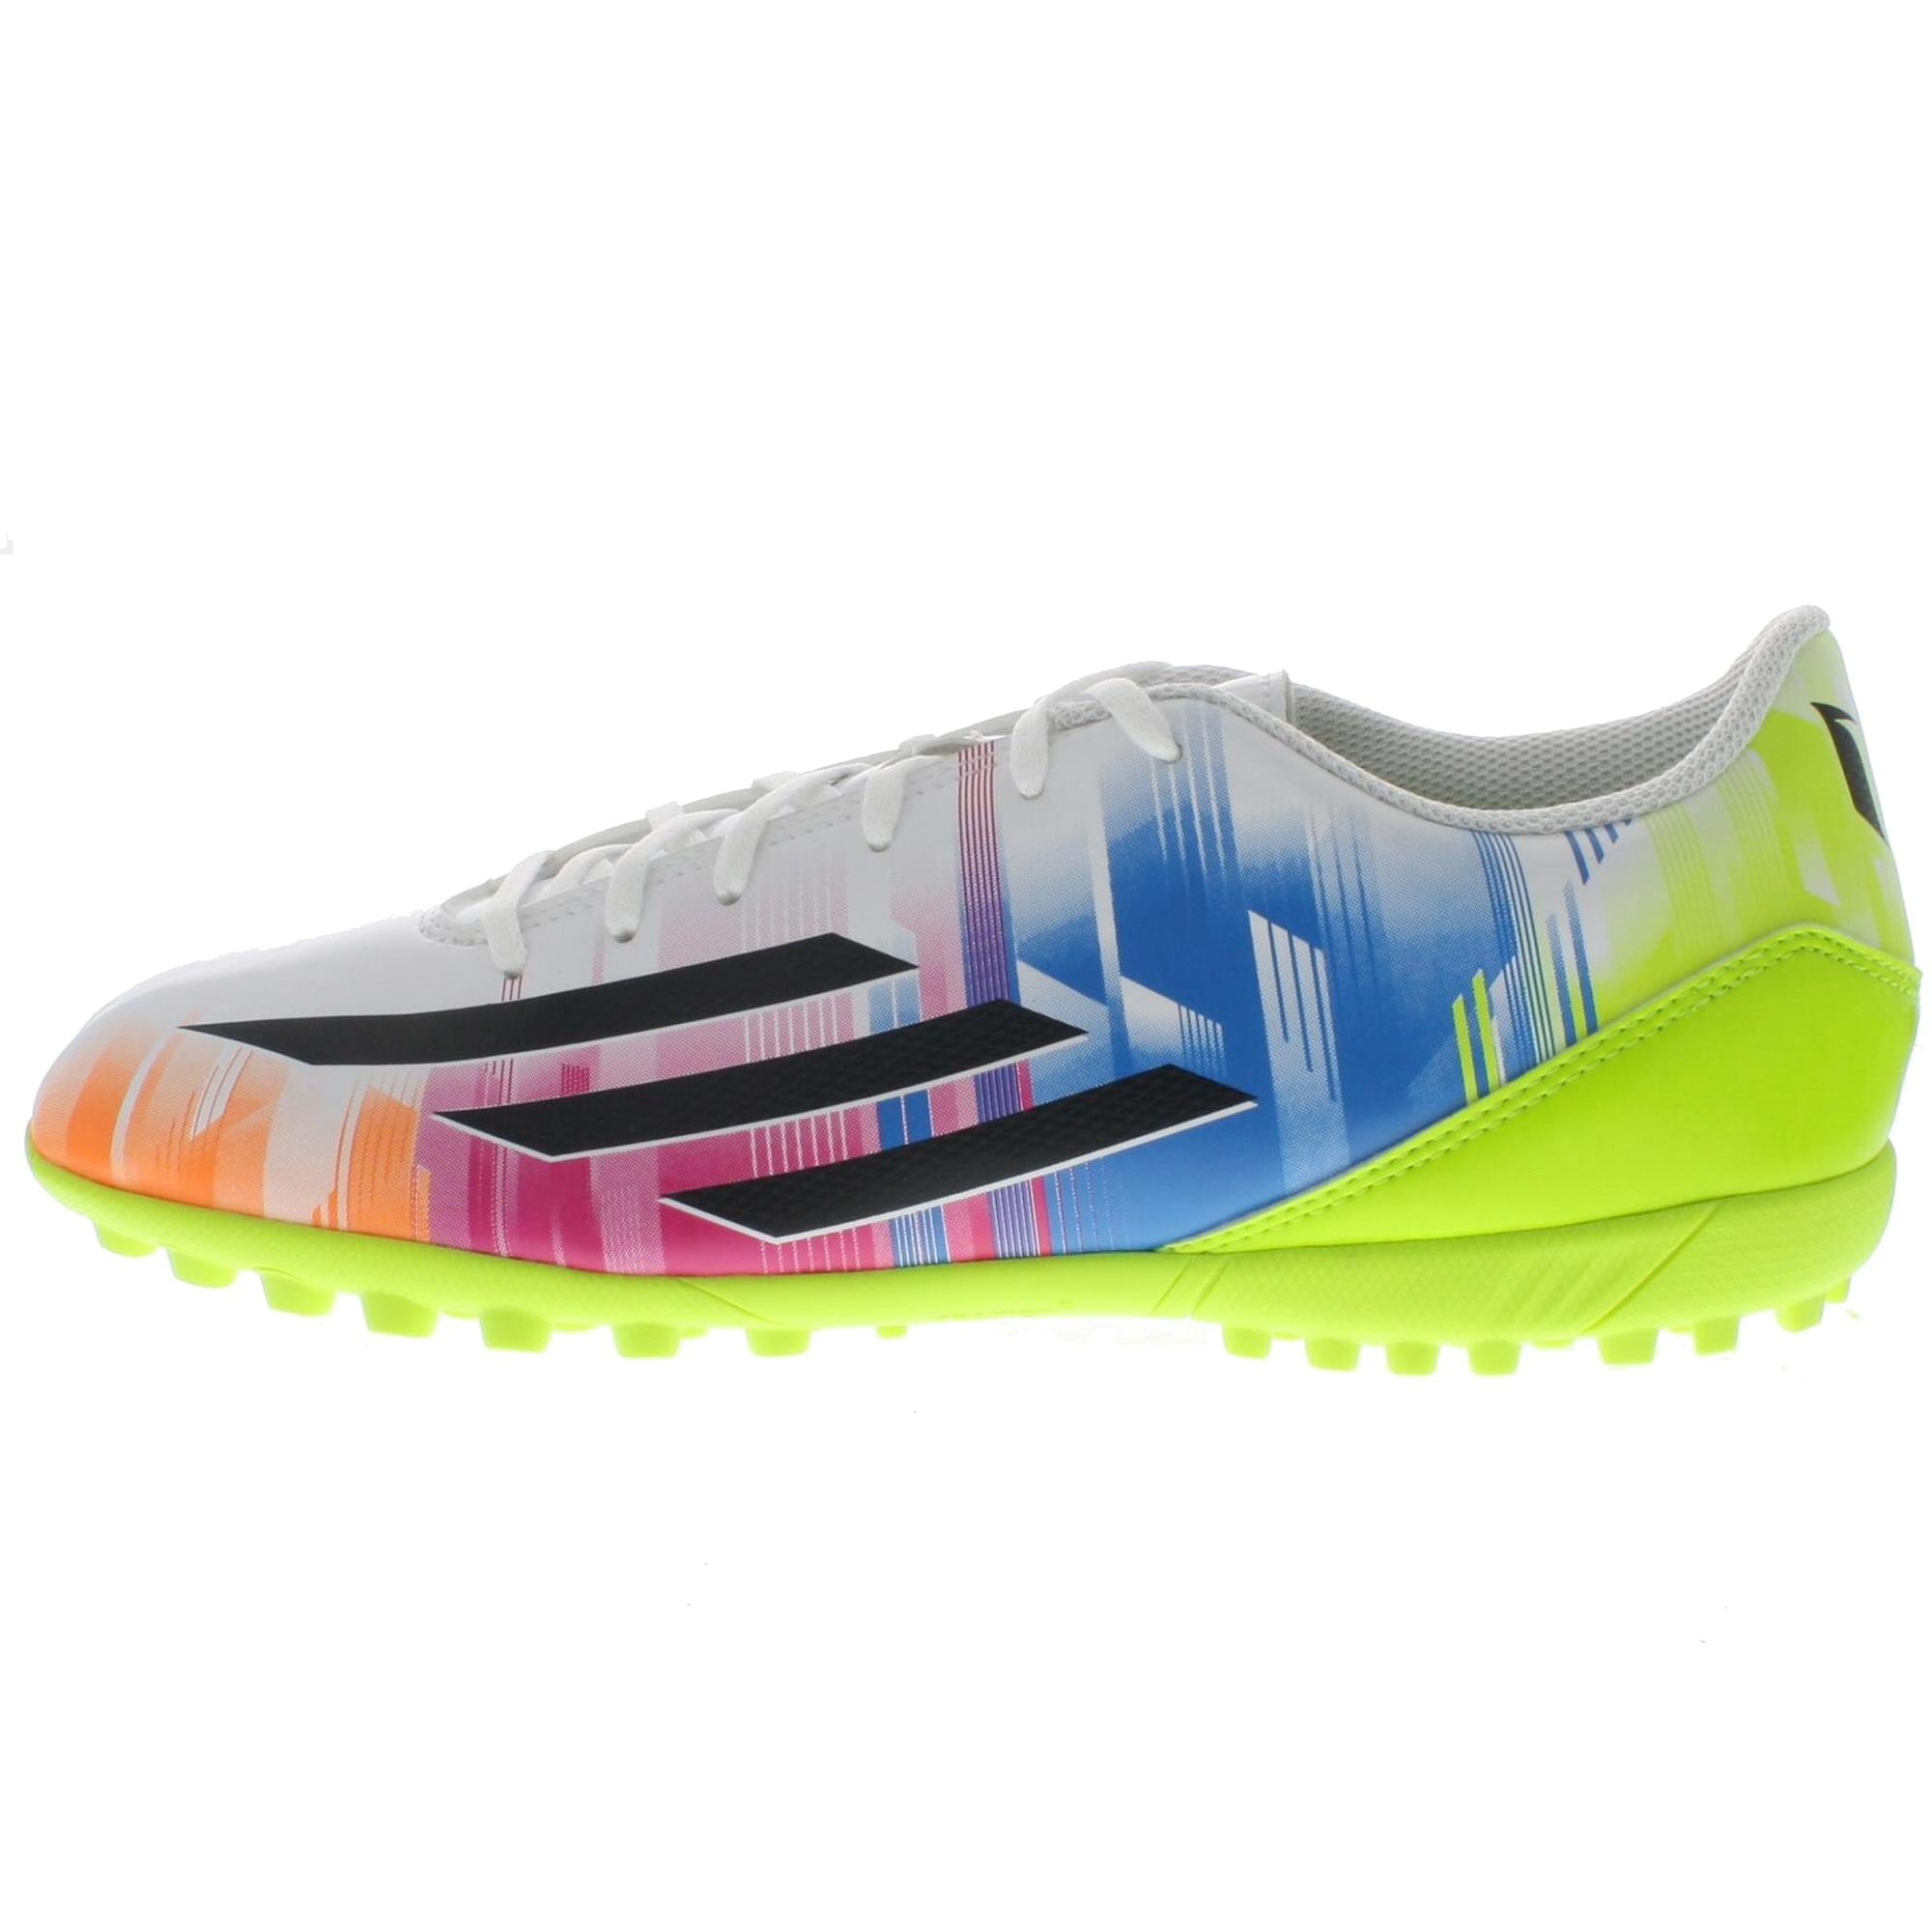 size 40 8a1a3 e1fa7 zapatillas adidas f5 trx tf precio